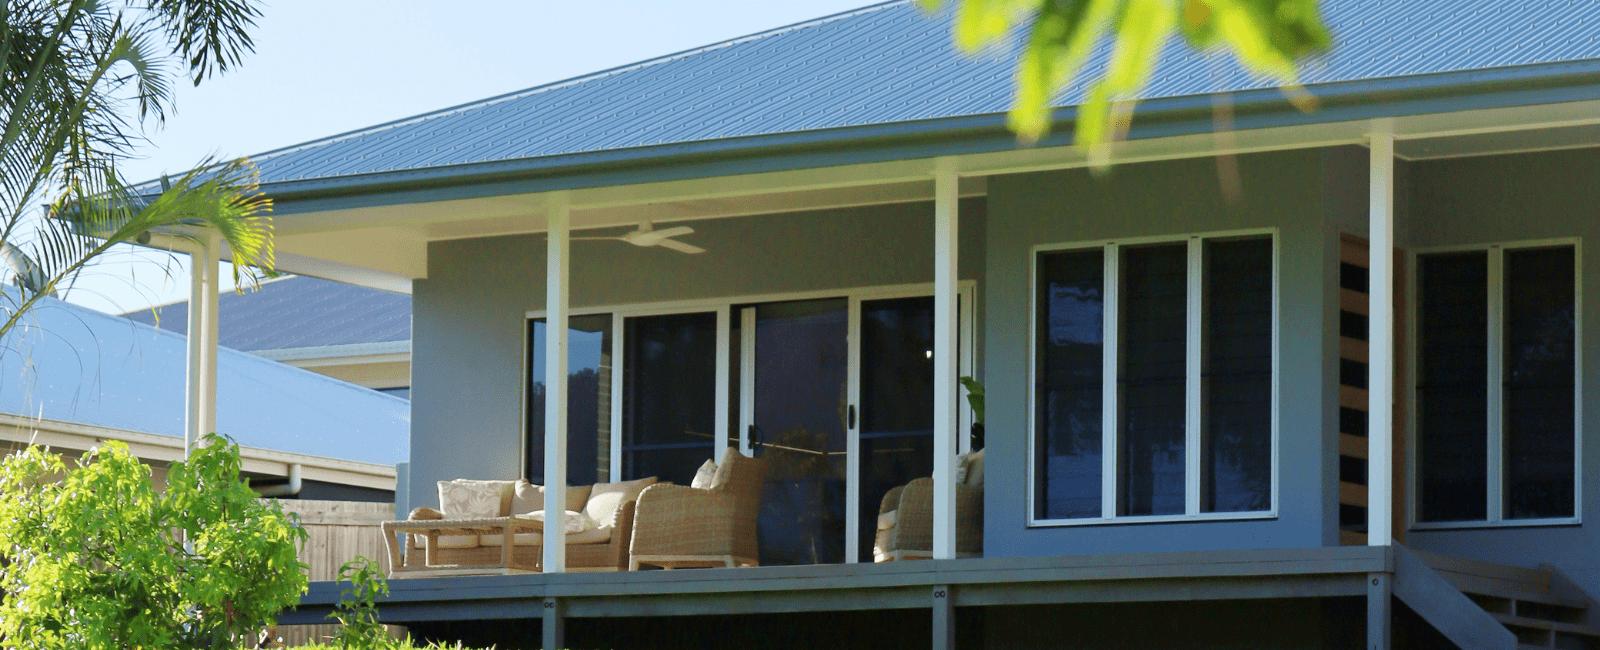 Whitsundays New House